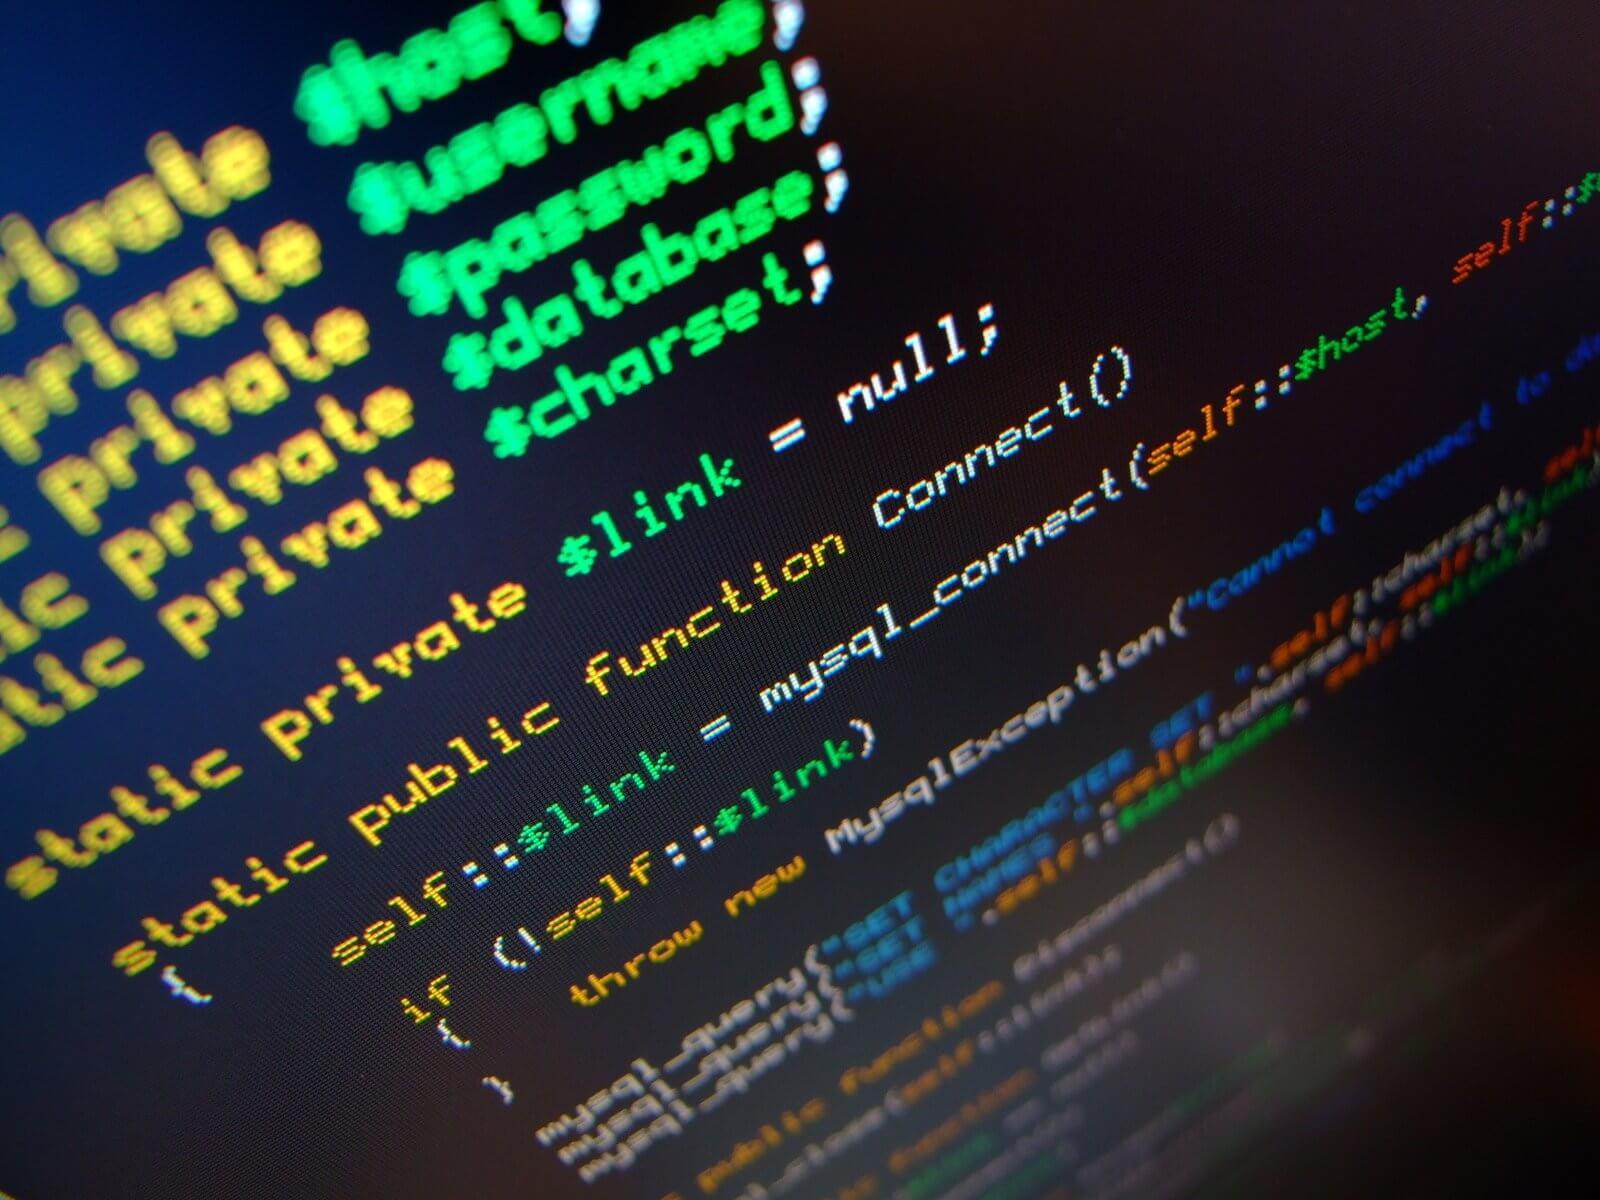 Engenharia de Software: descubra tudo!